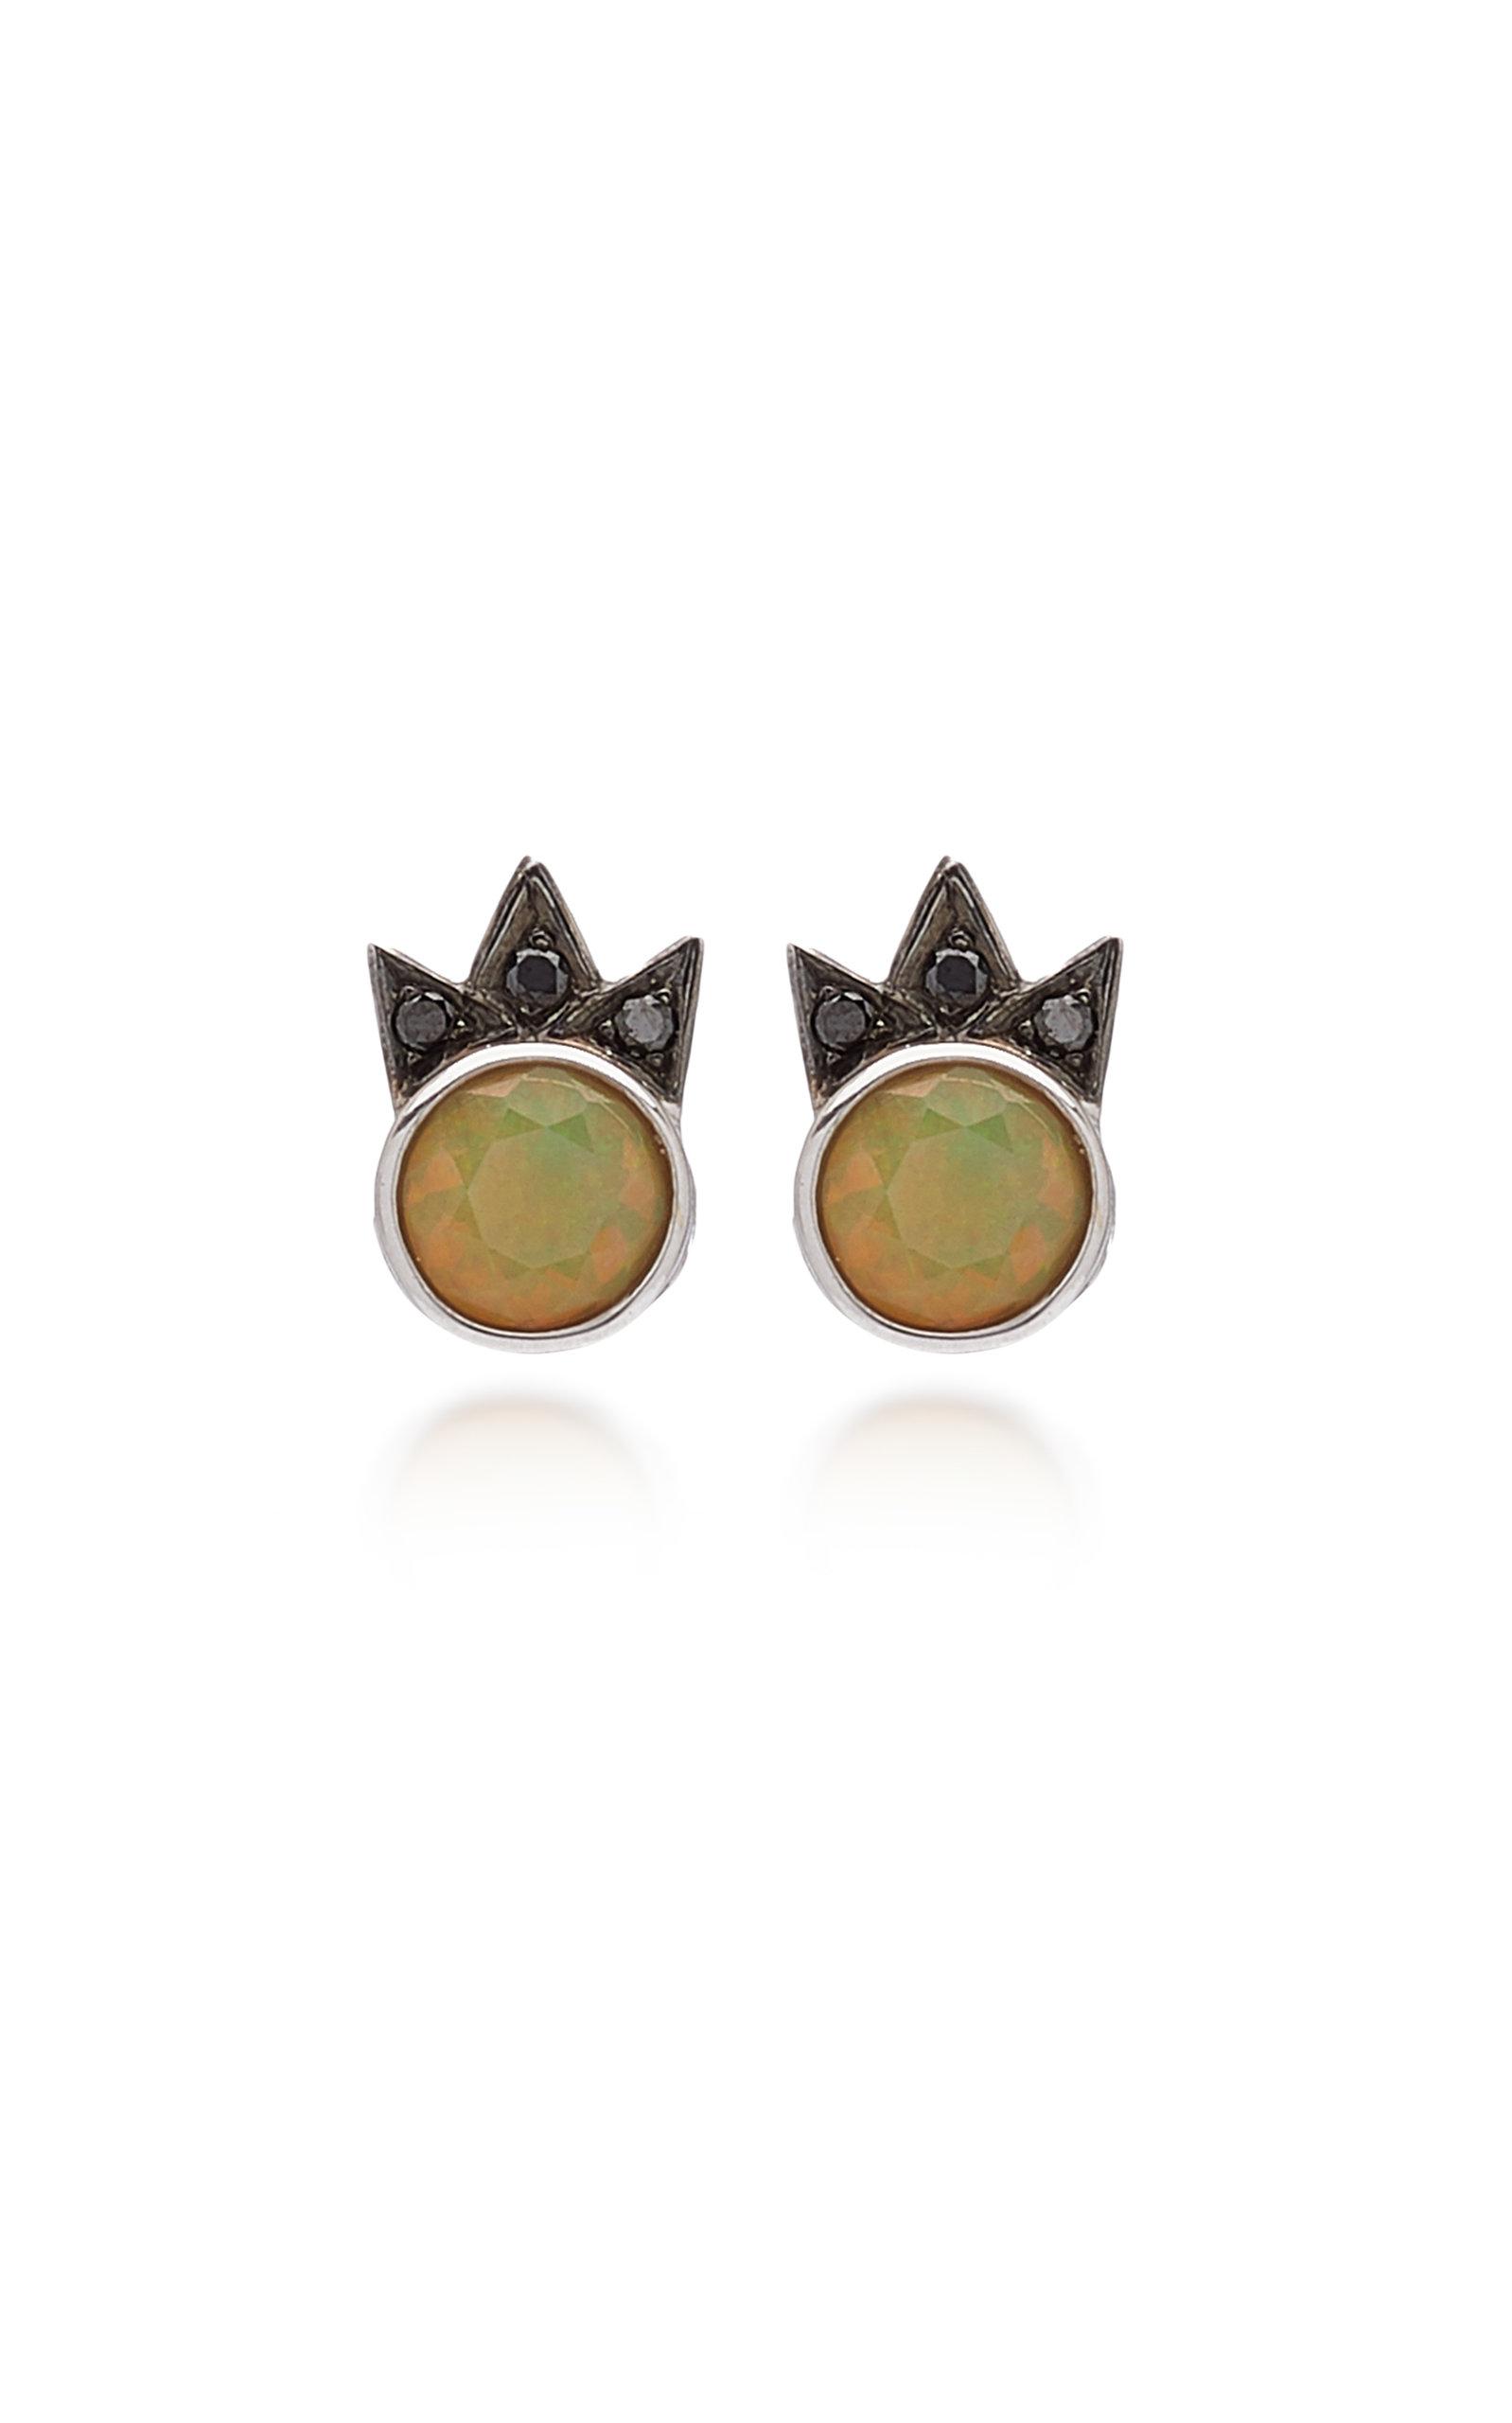 M.Spalten - Women's Starburst 18K White Gold Opal; Black Diamond Earrings - Gold - Moda Operandi